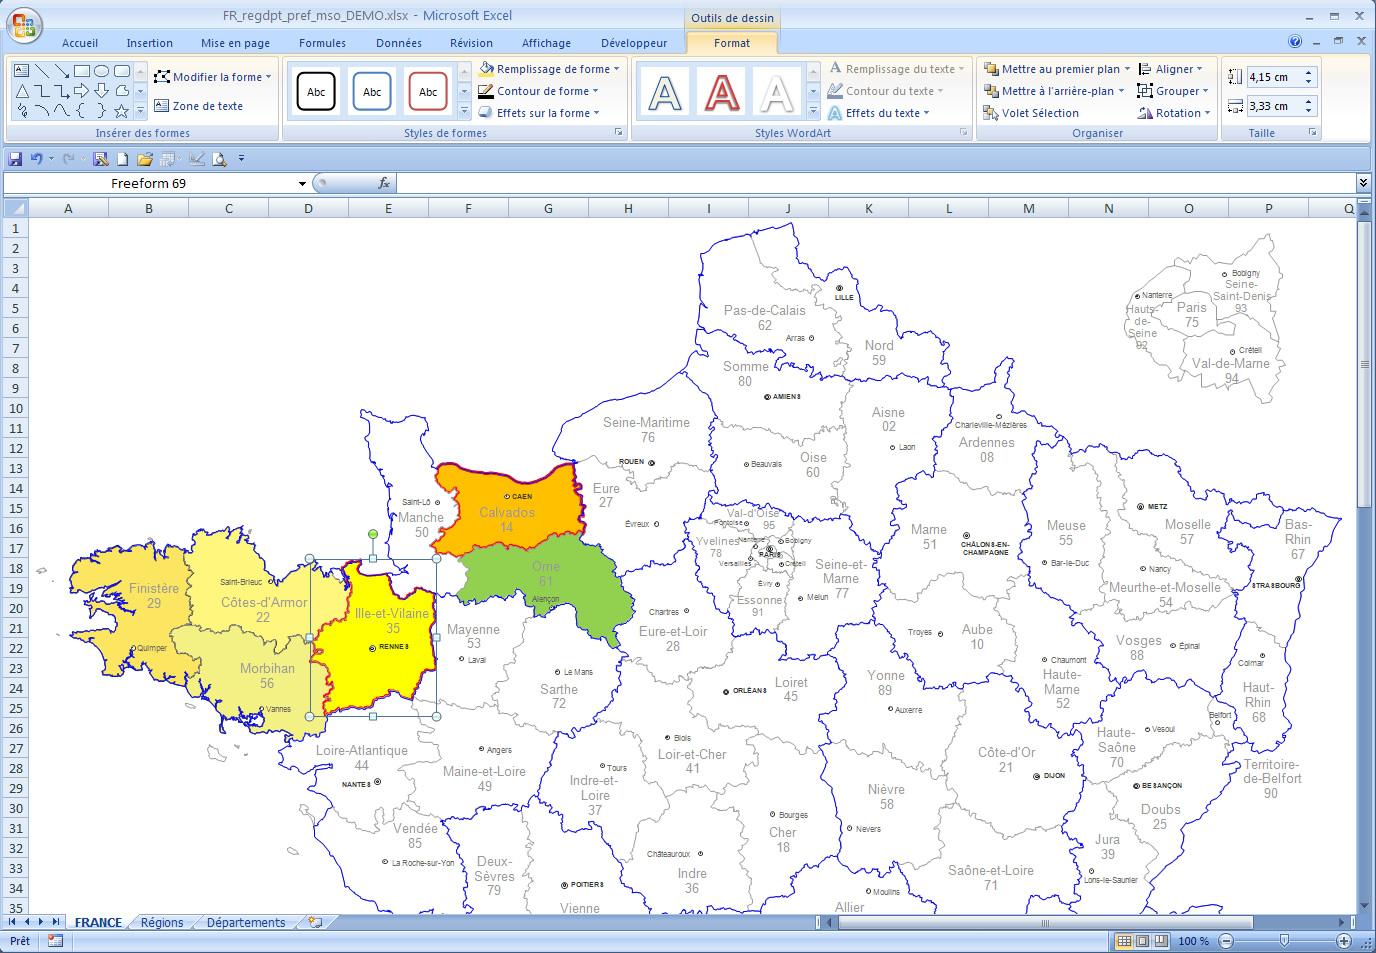 Départements De France Pour Word Et Excel Modifiable destiné Carte Departements Francais